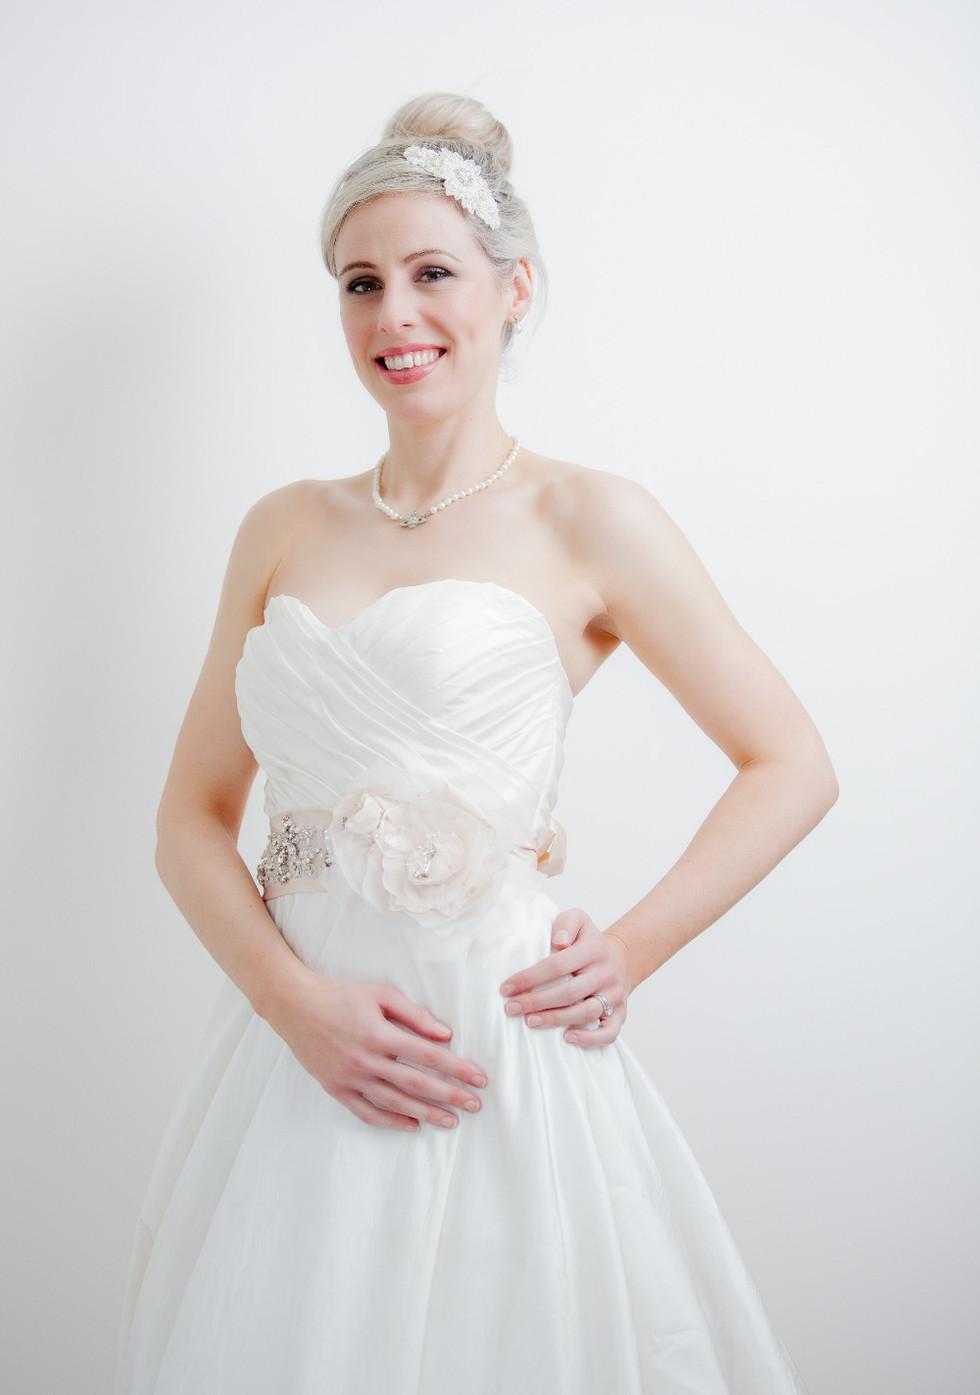 kim bridal-819_edited.jpg